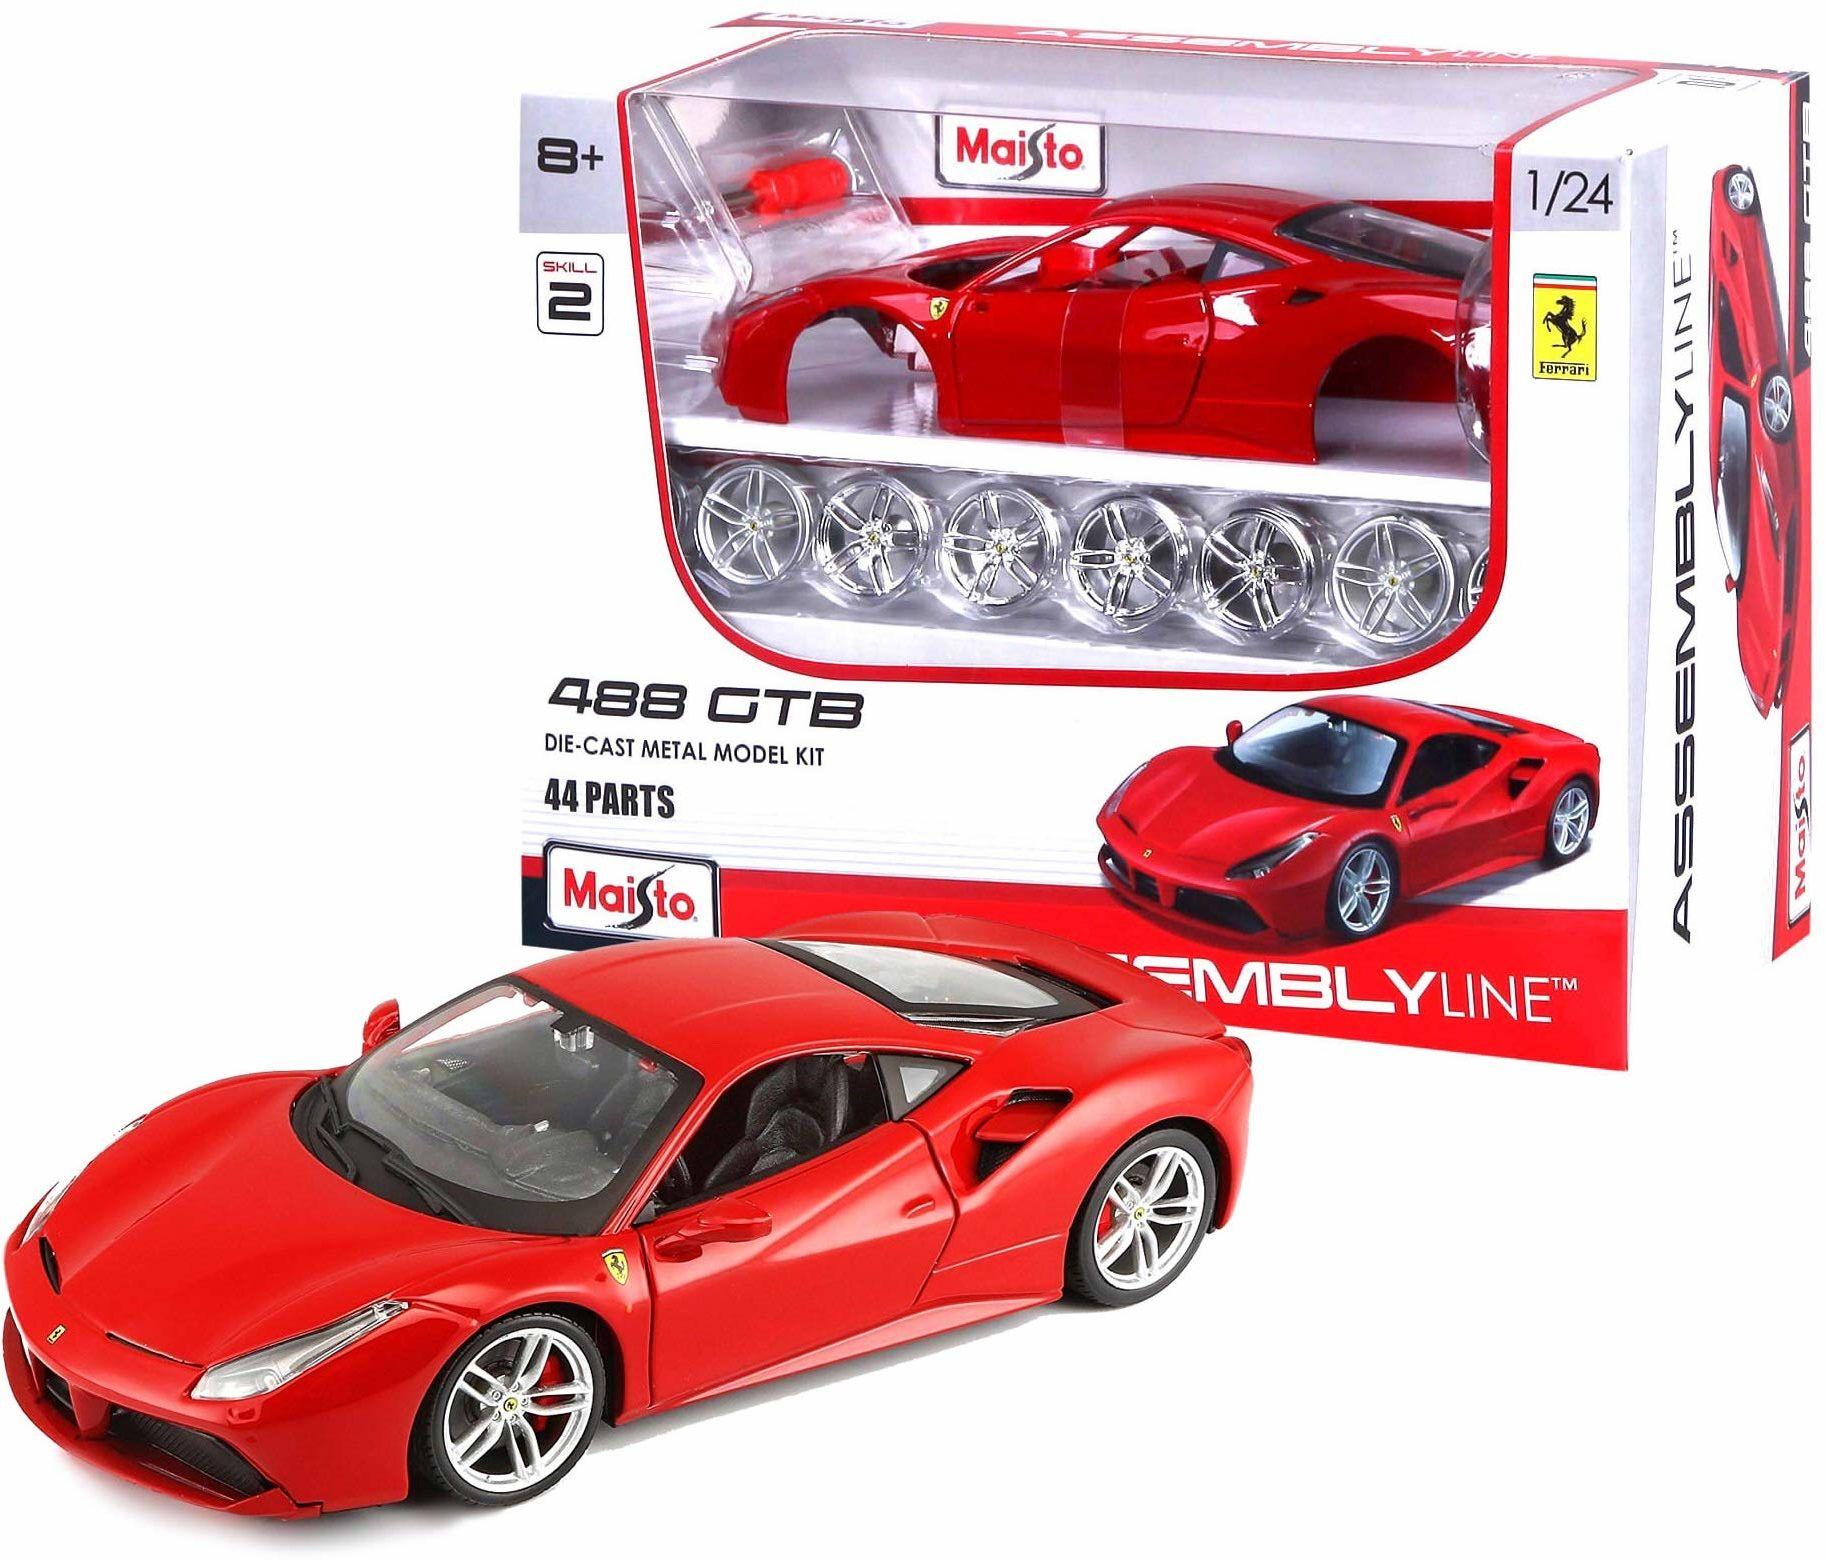 Maisto M39131 odlewany pod ciśnieniem w skali 1:24 zestaw modeli do budowy Ferrari 488 GTB